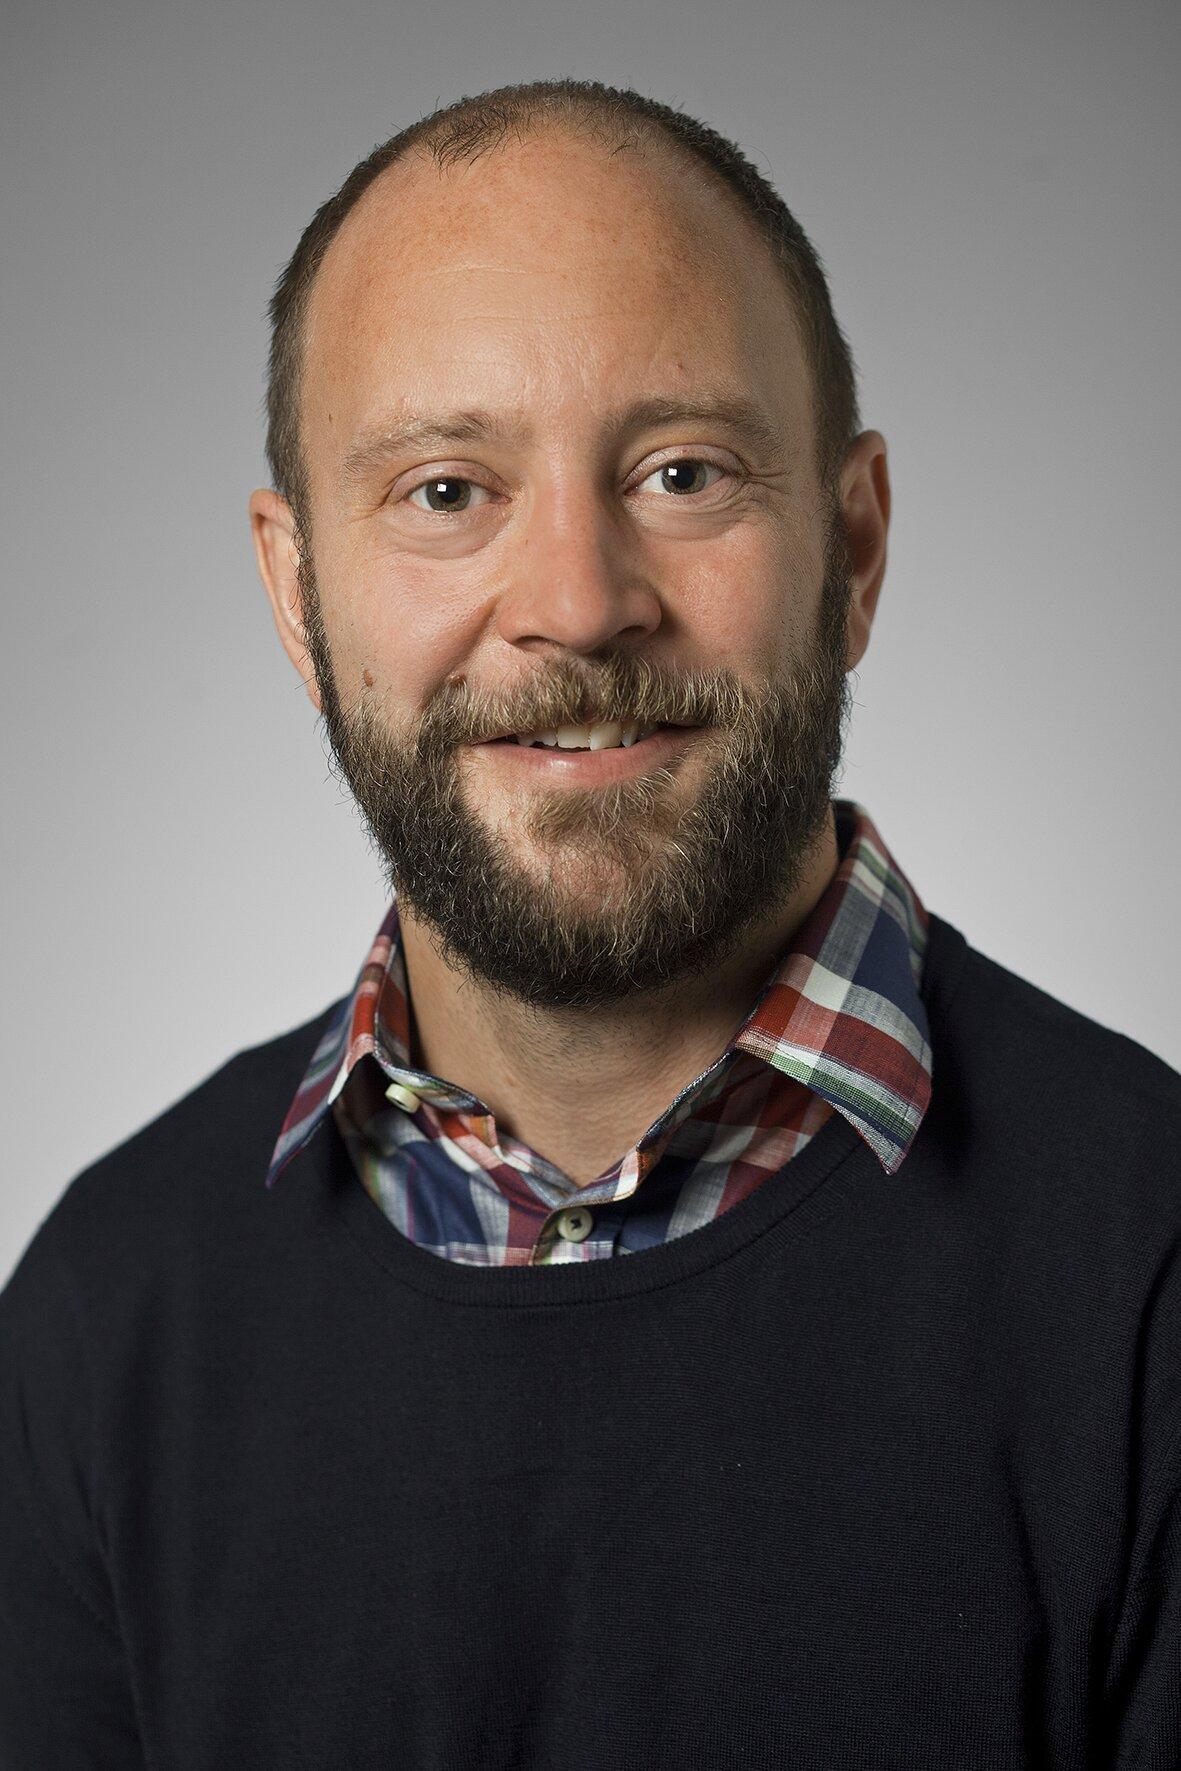 Thomas Bjarnsholt